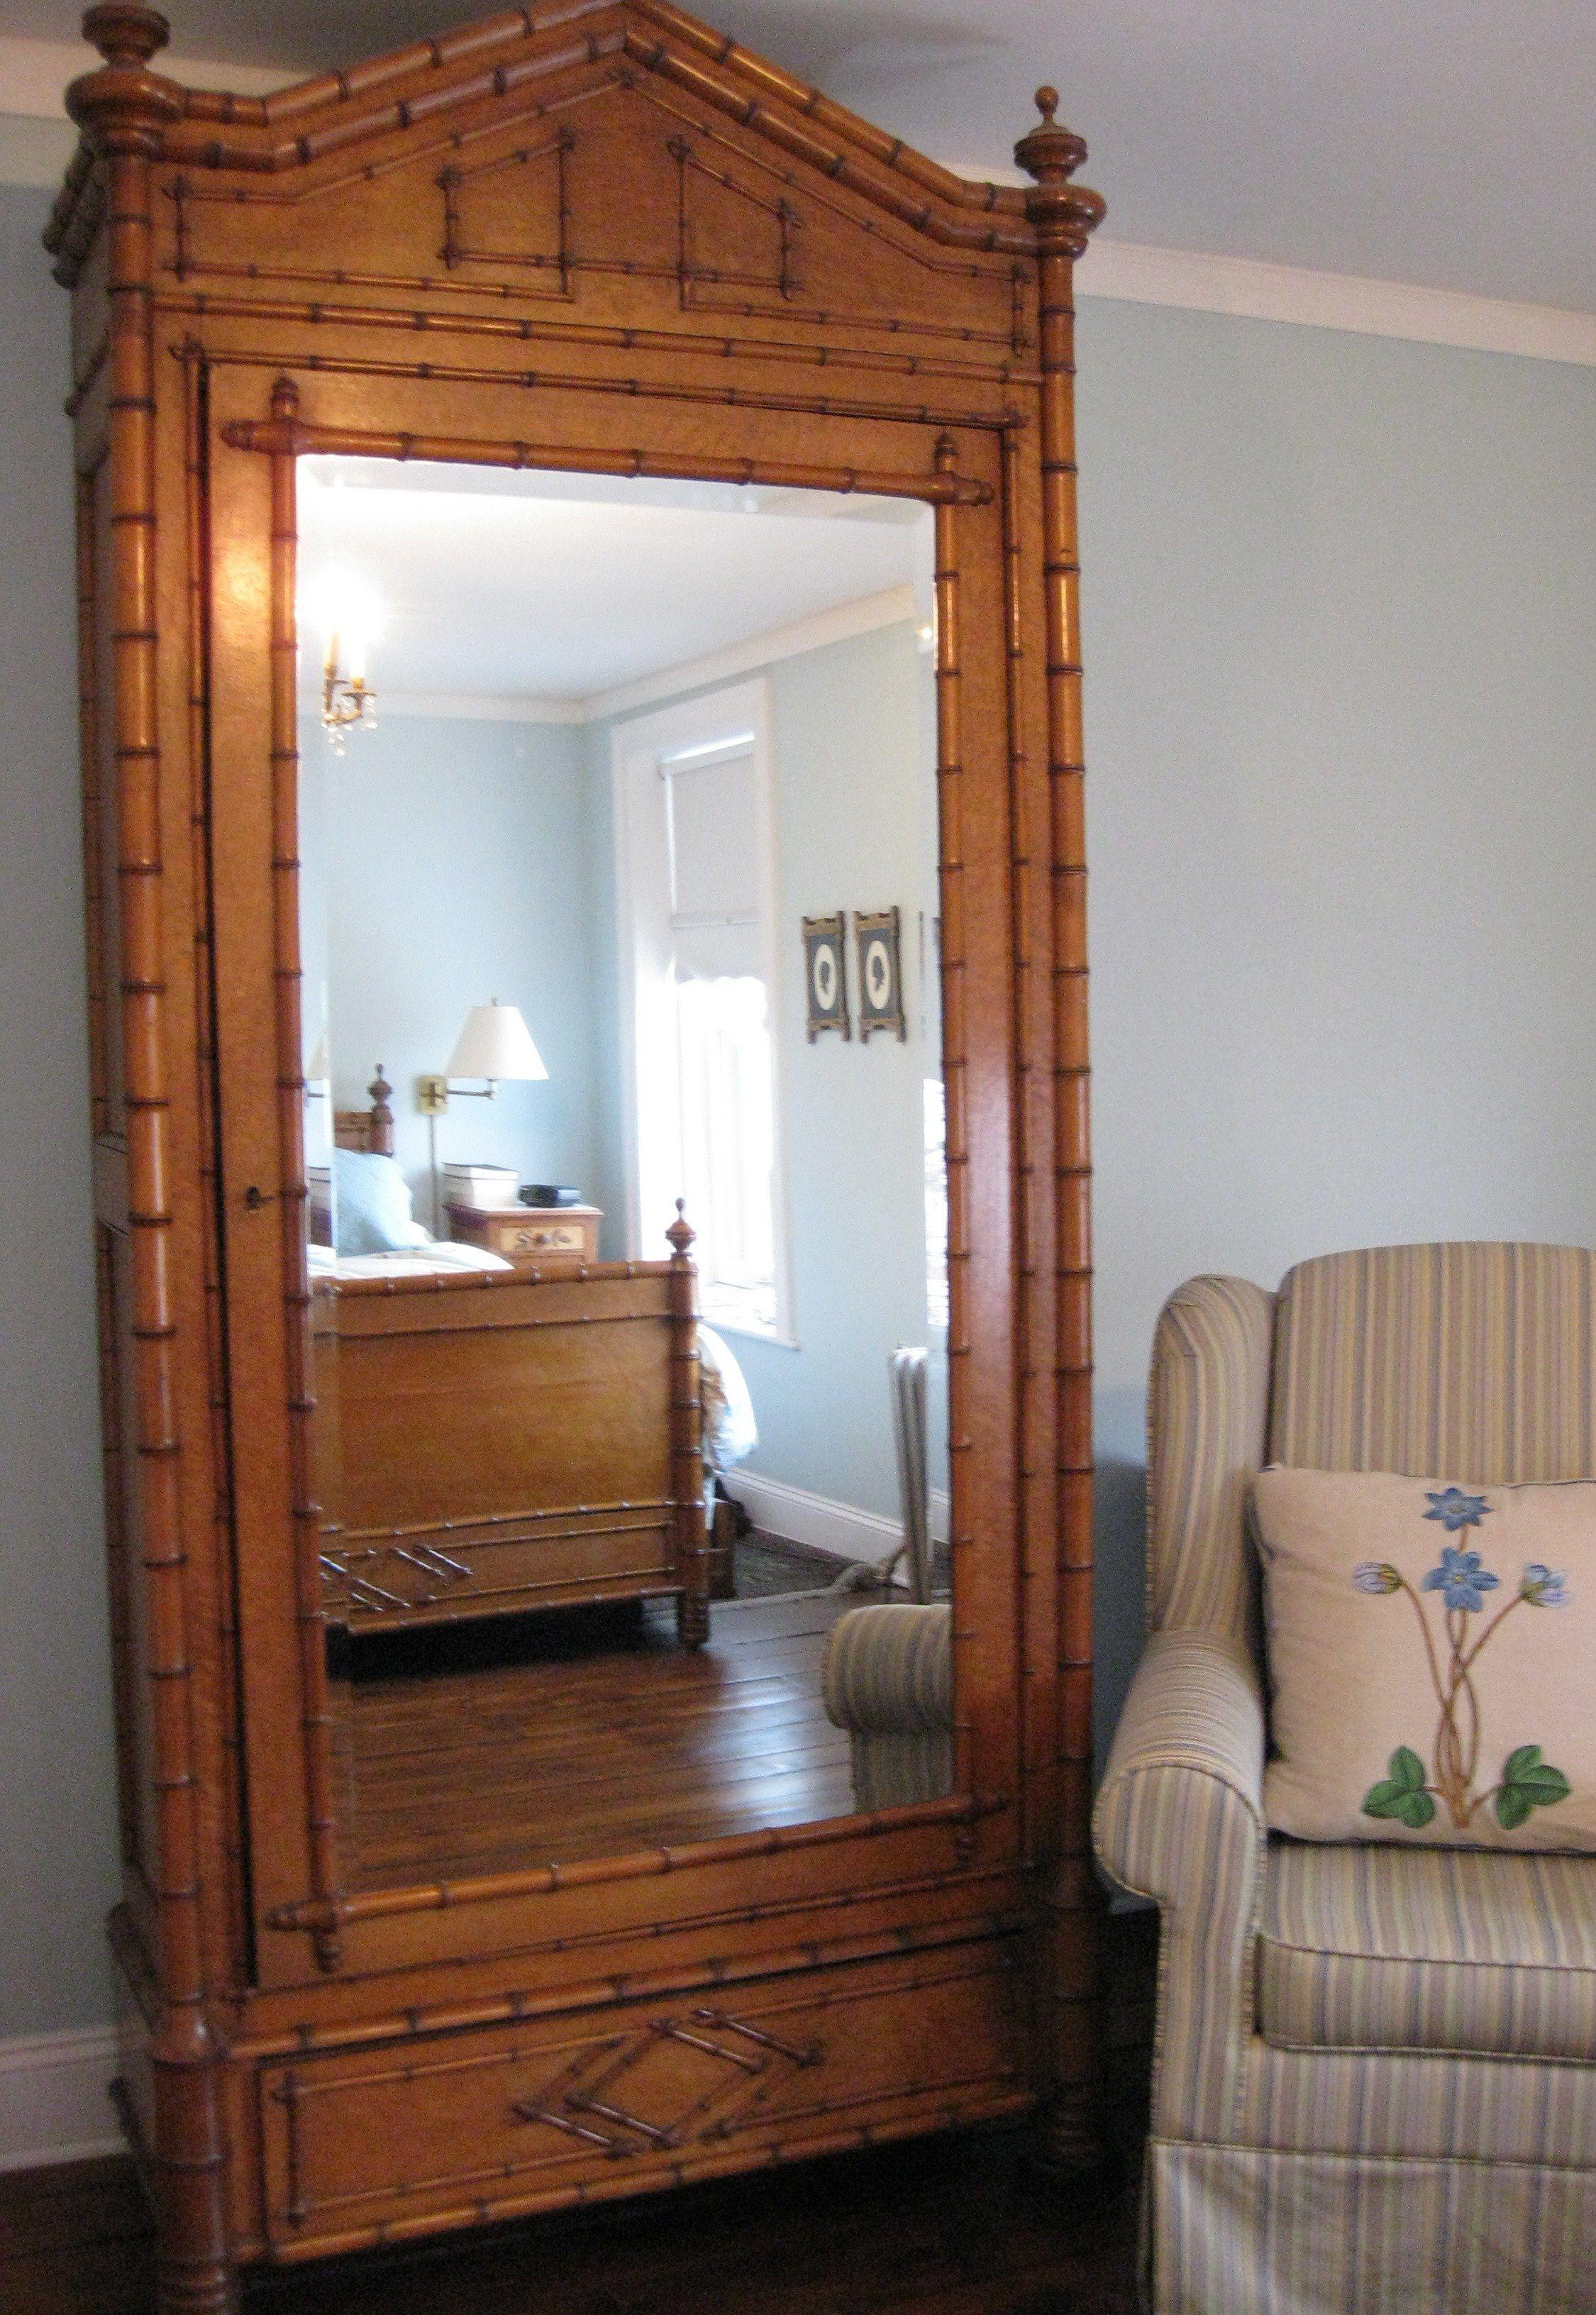 armoire bergen st bedroom  bamboo bedroom furniture